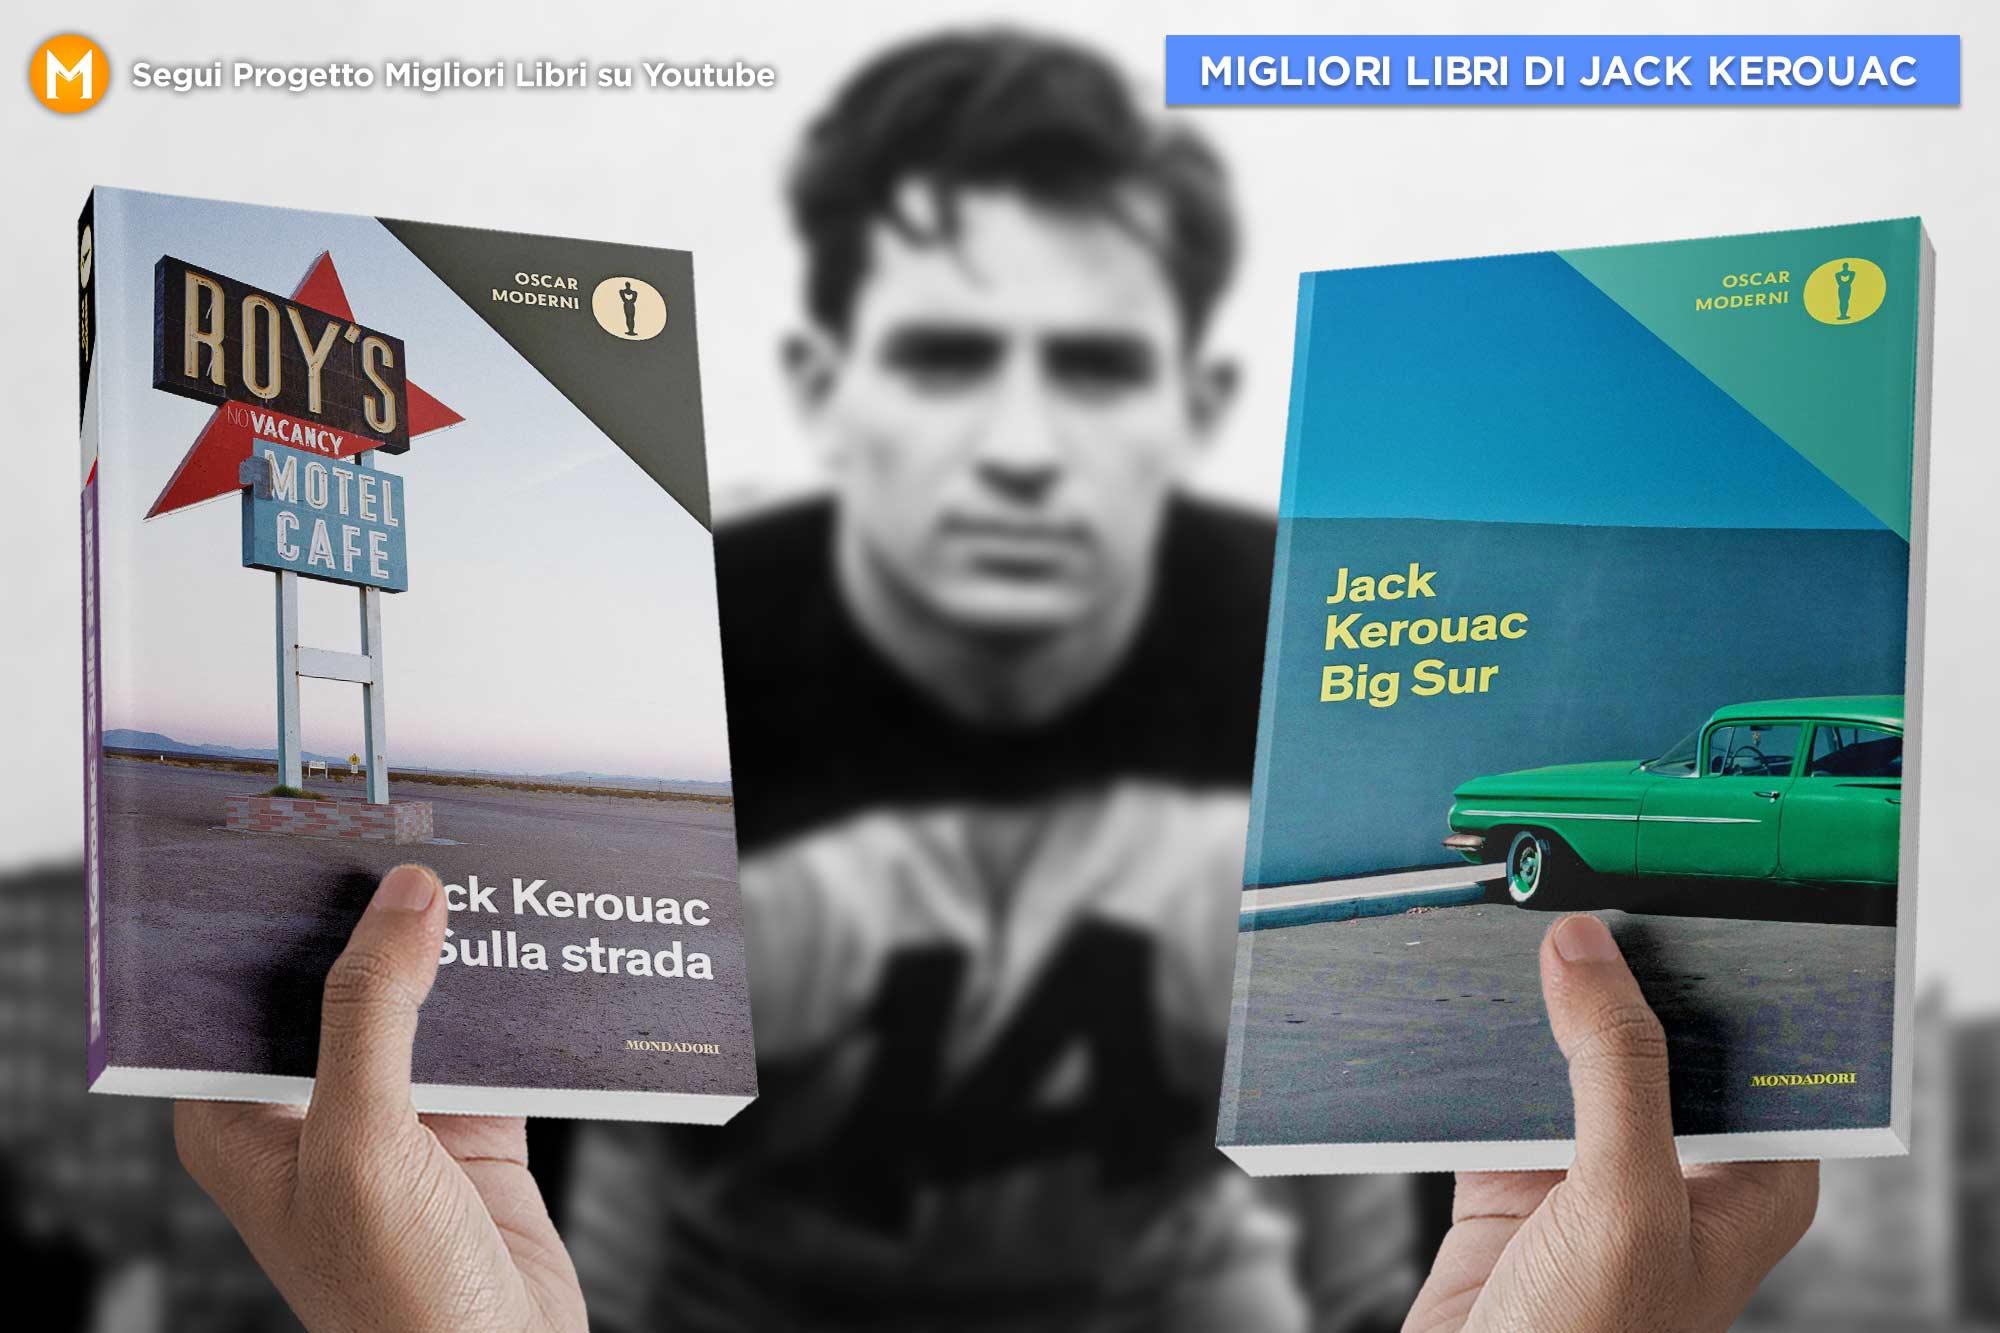 migliori-libri-jack-kerouac